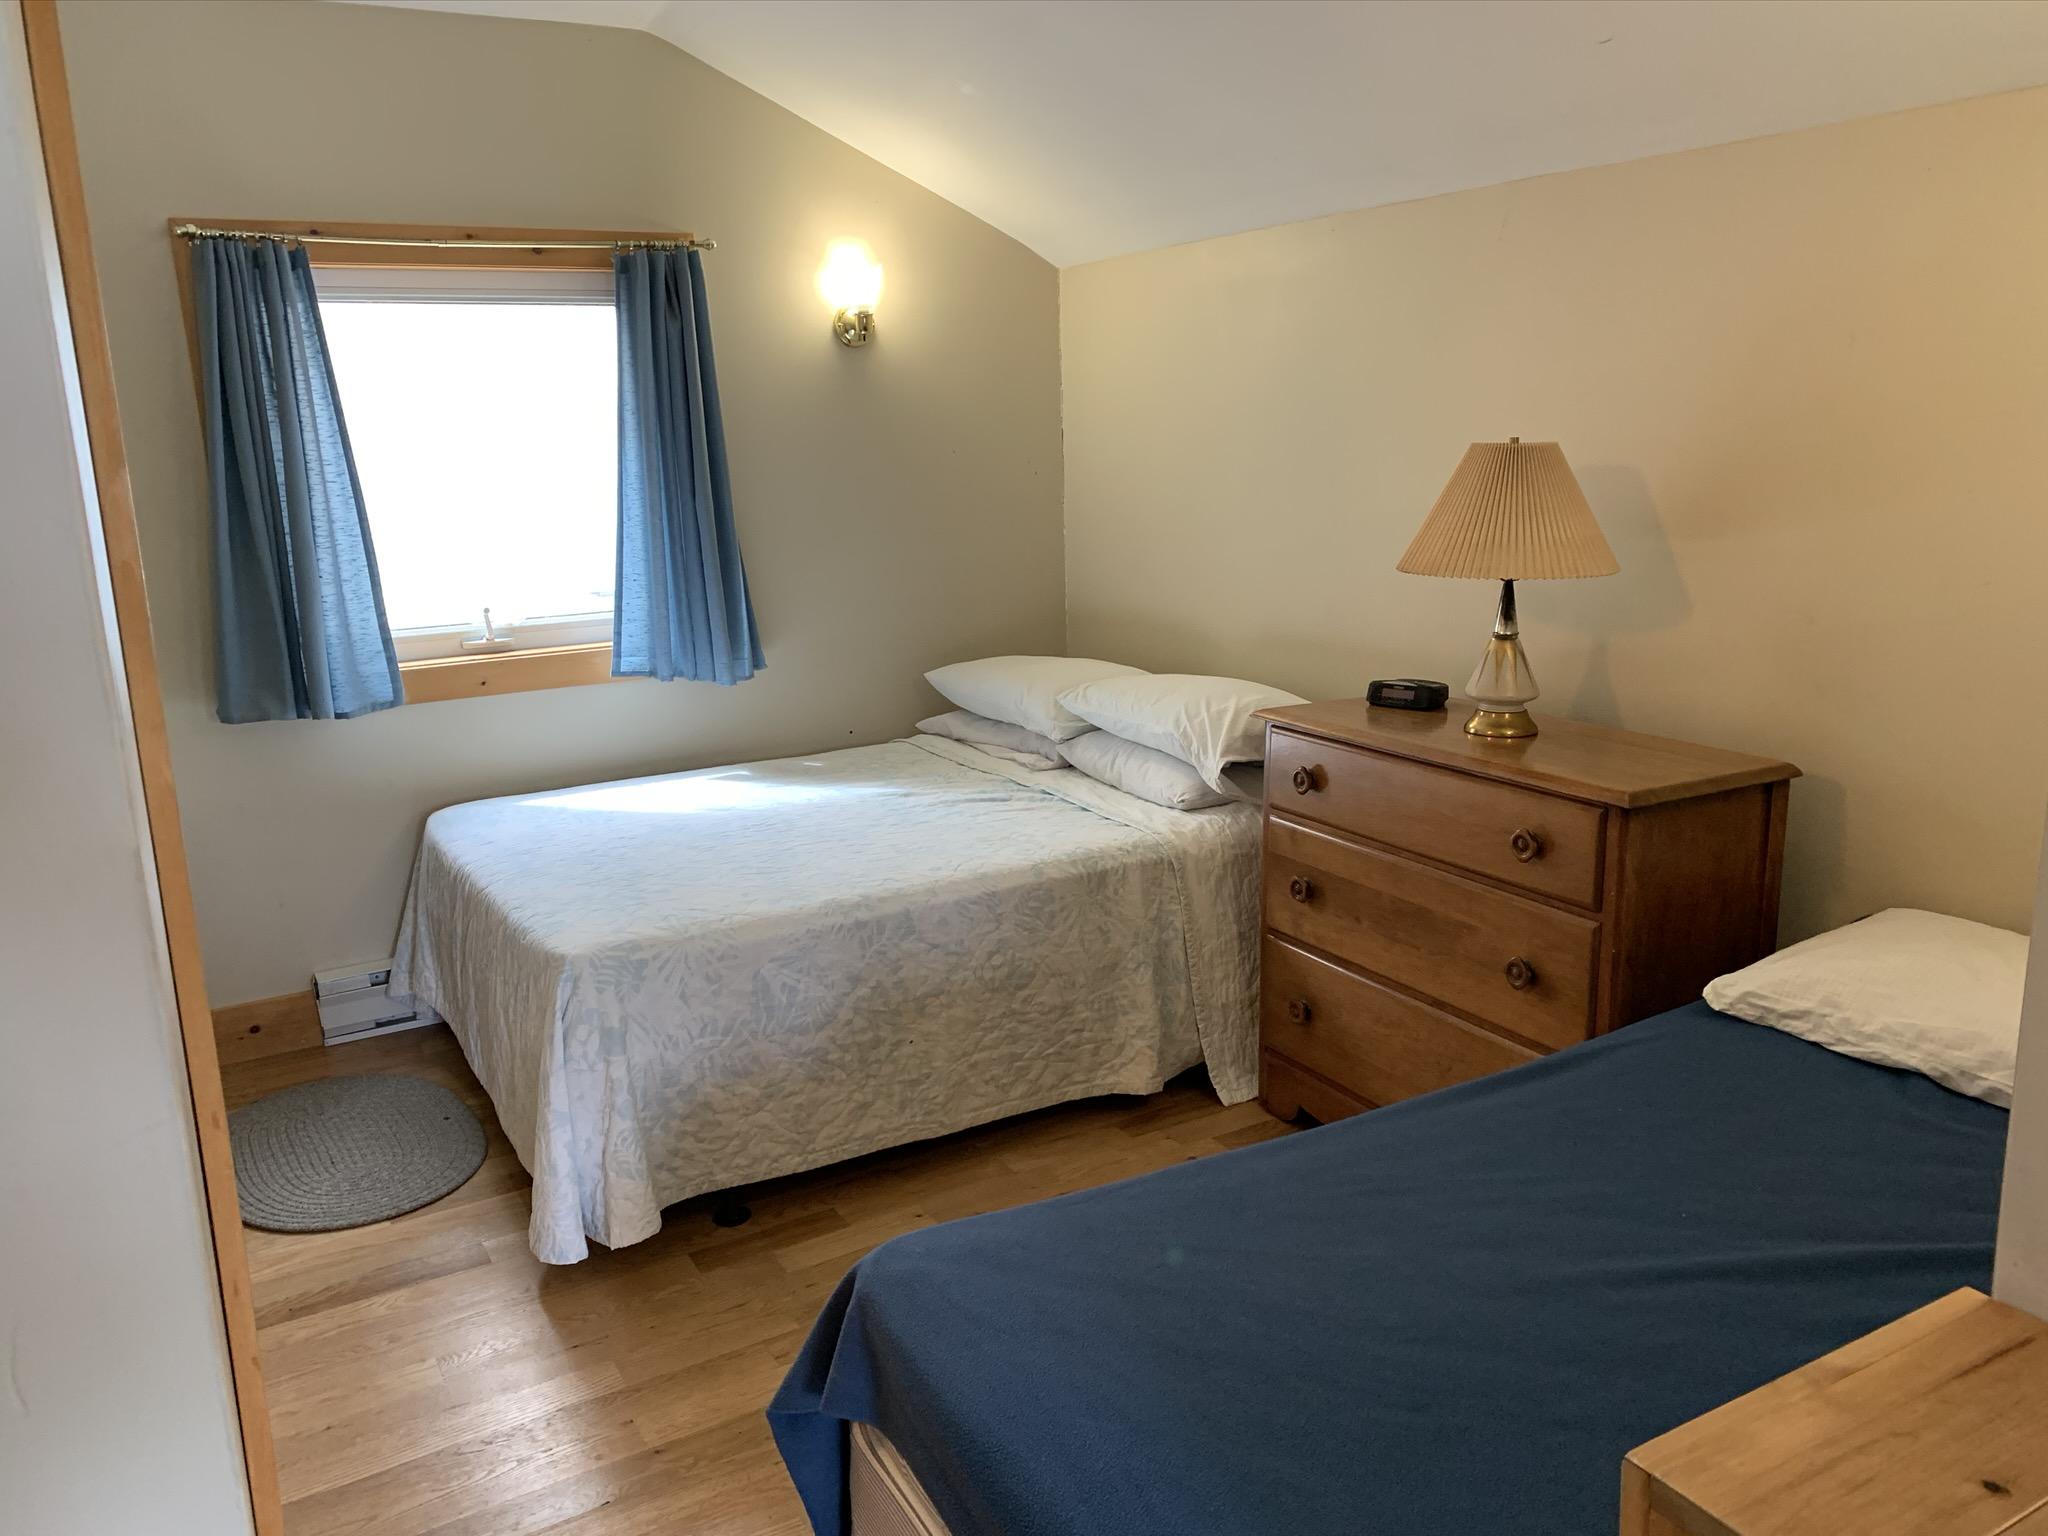 1 Bedroom - 8 - 6